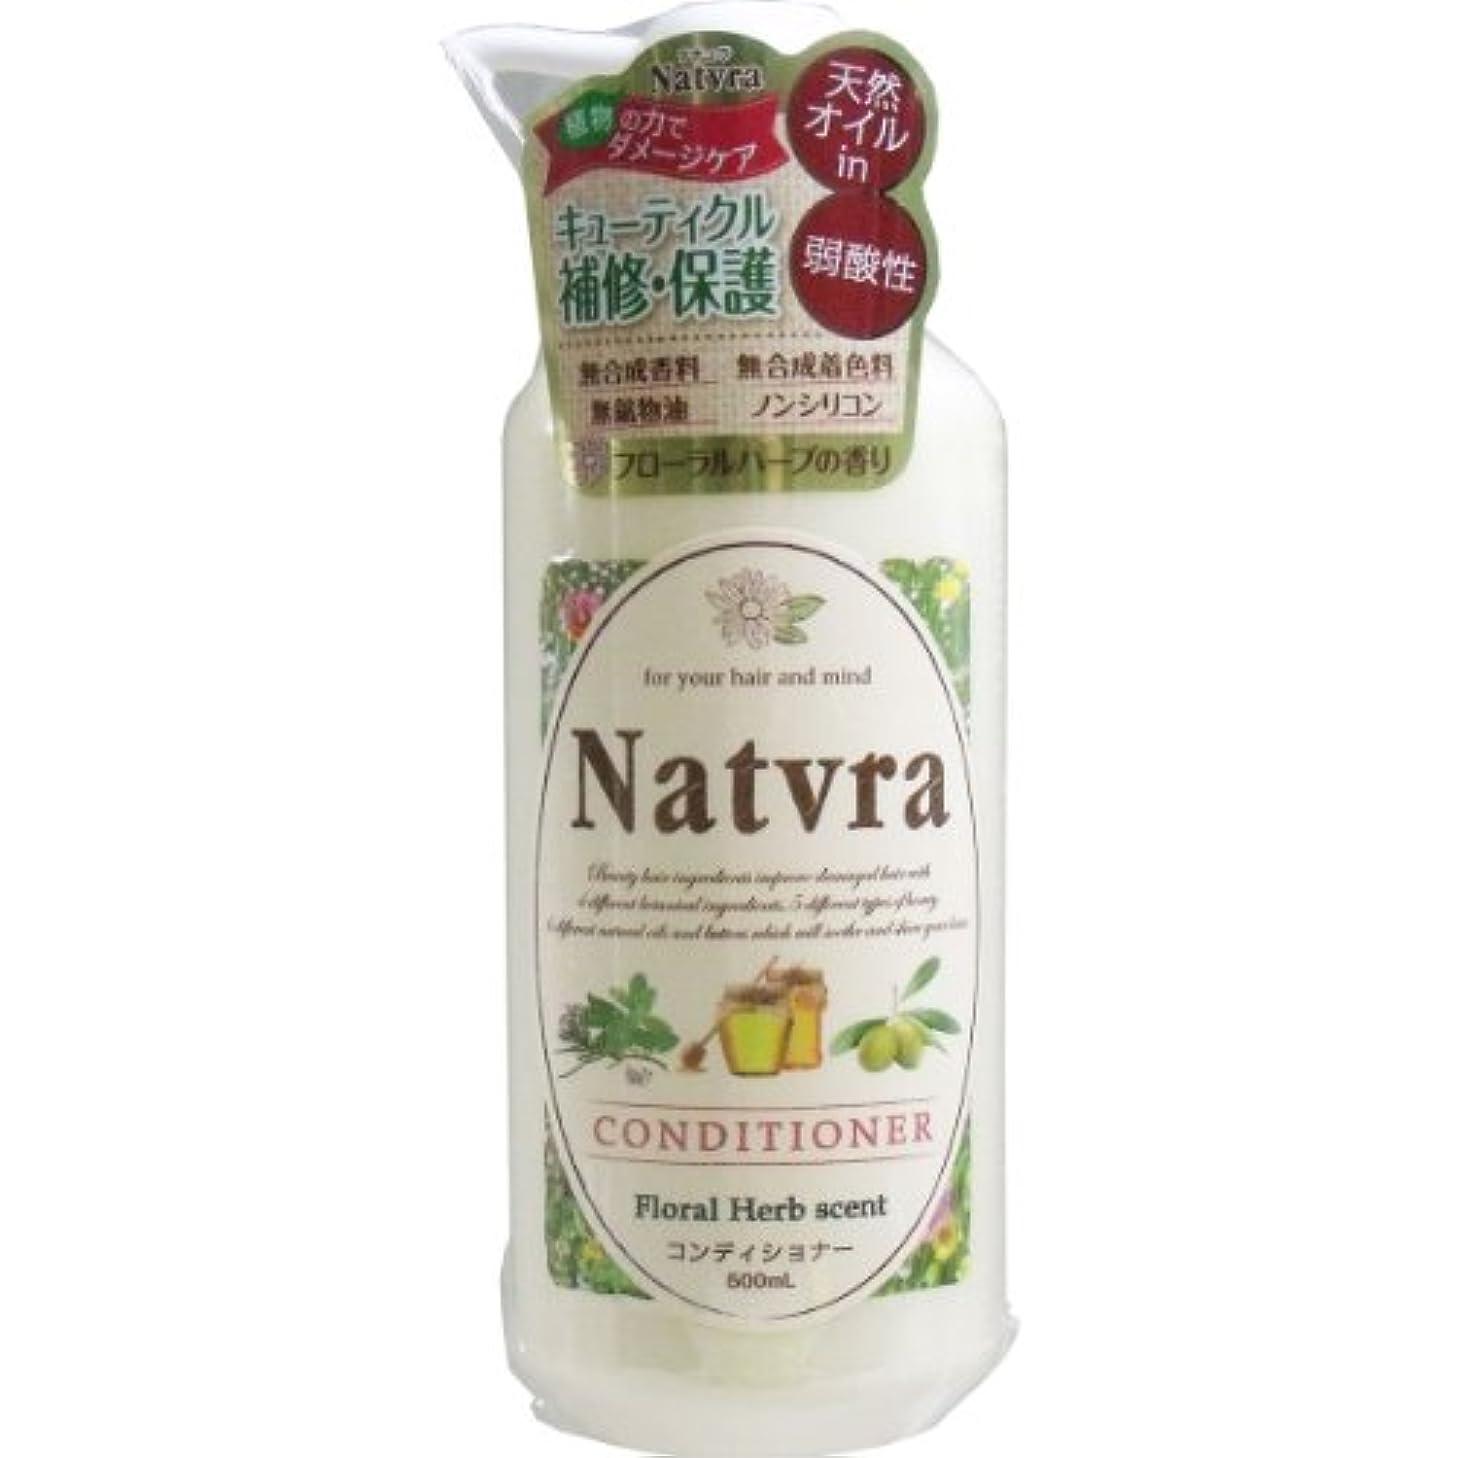 マンハッタンファセット準備するNatvra(ナチュラ) コンディショナー フローラルハーブの香り 500mL【2個セット】